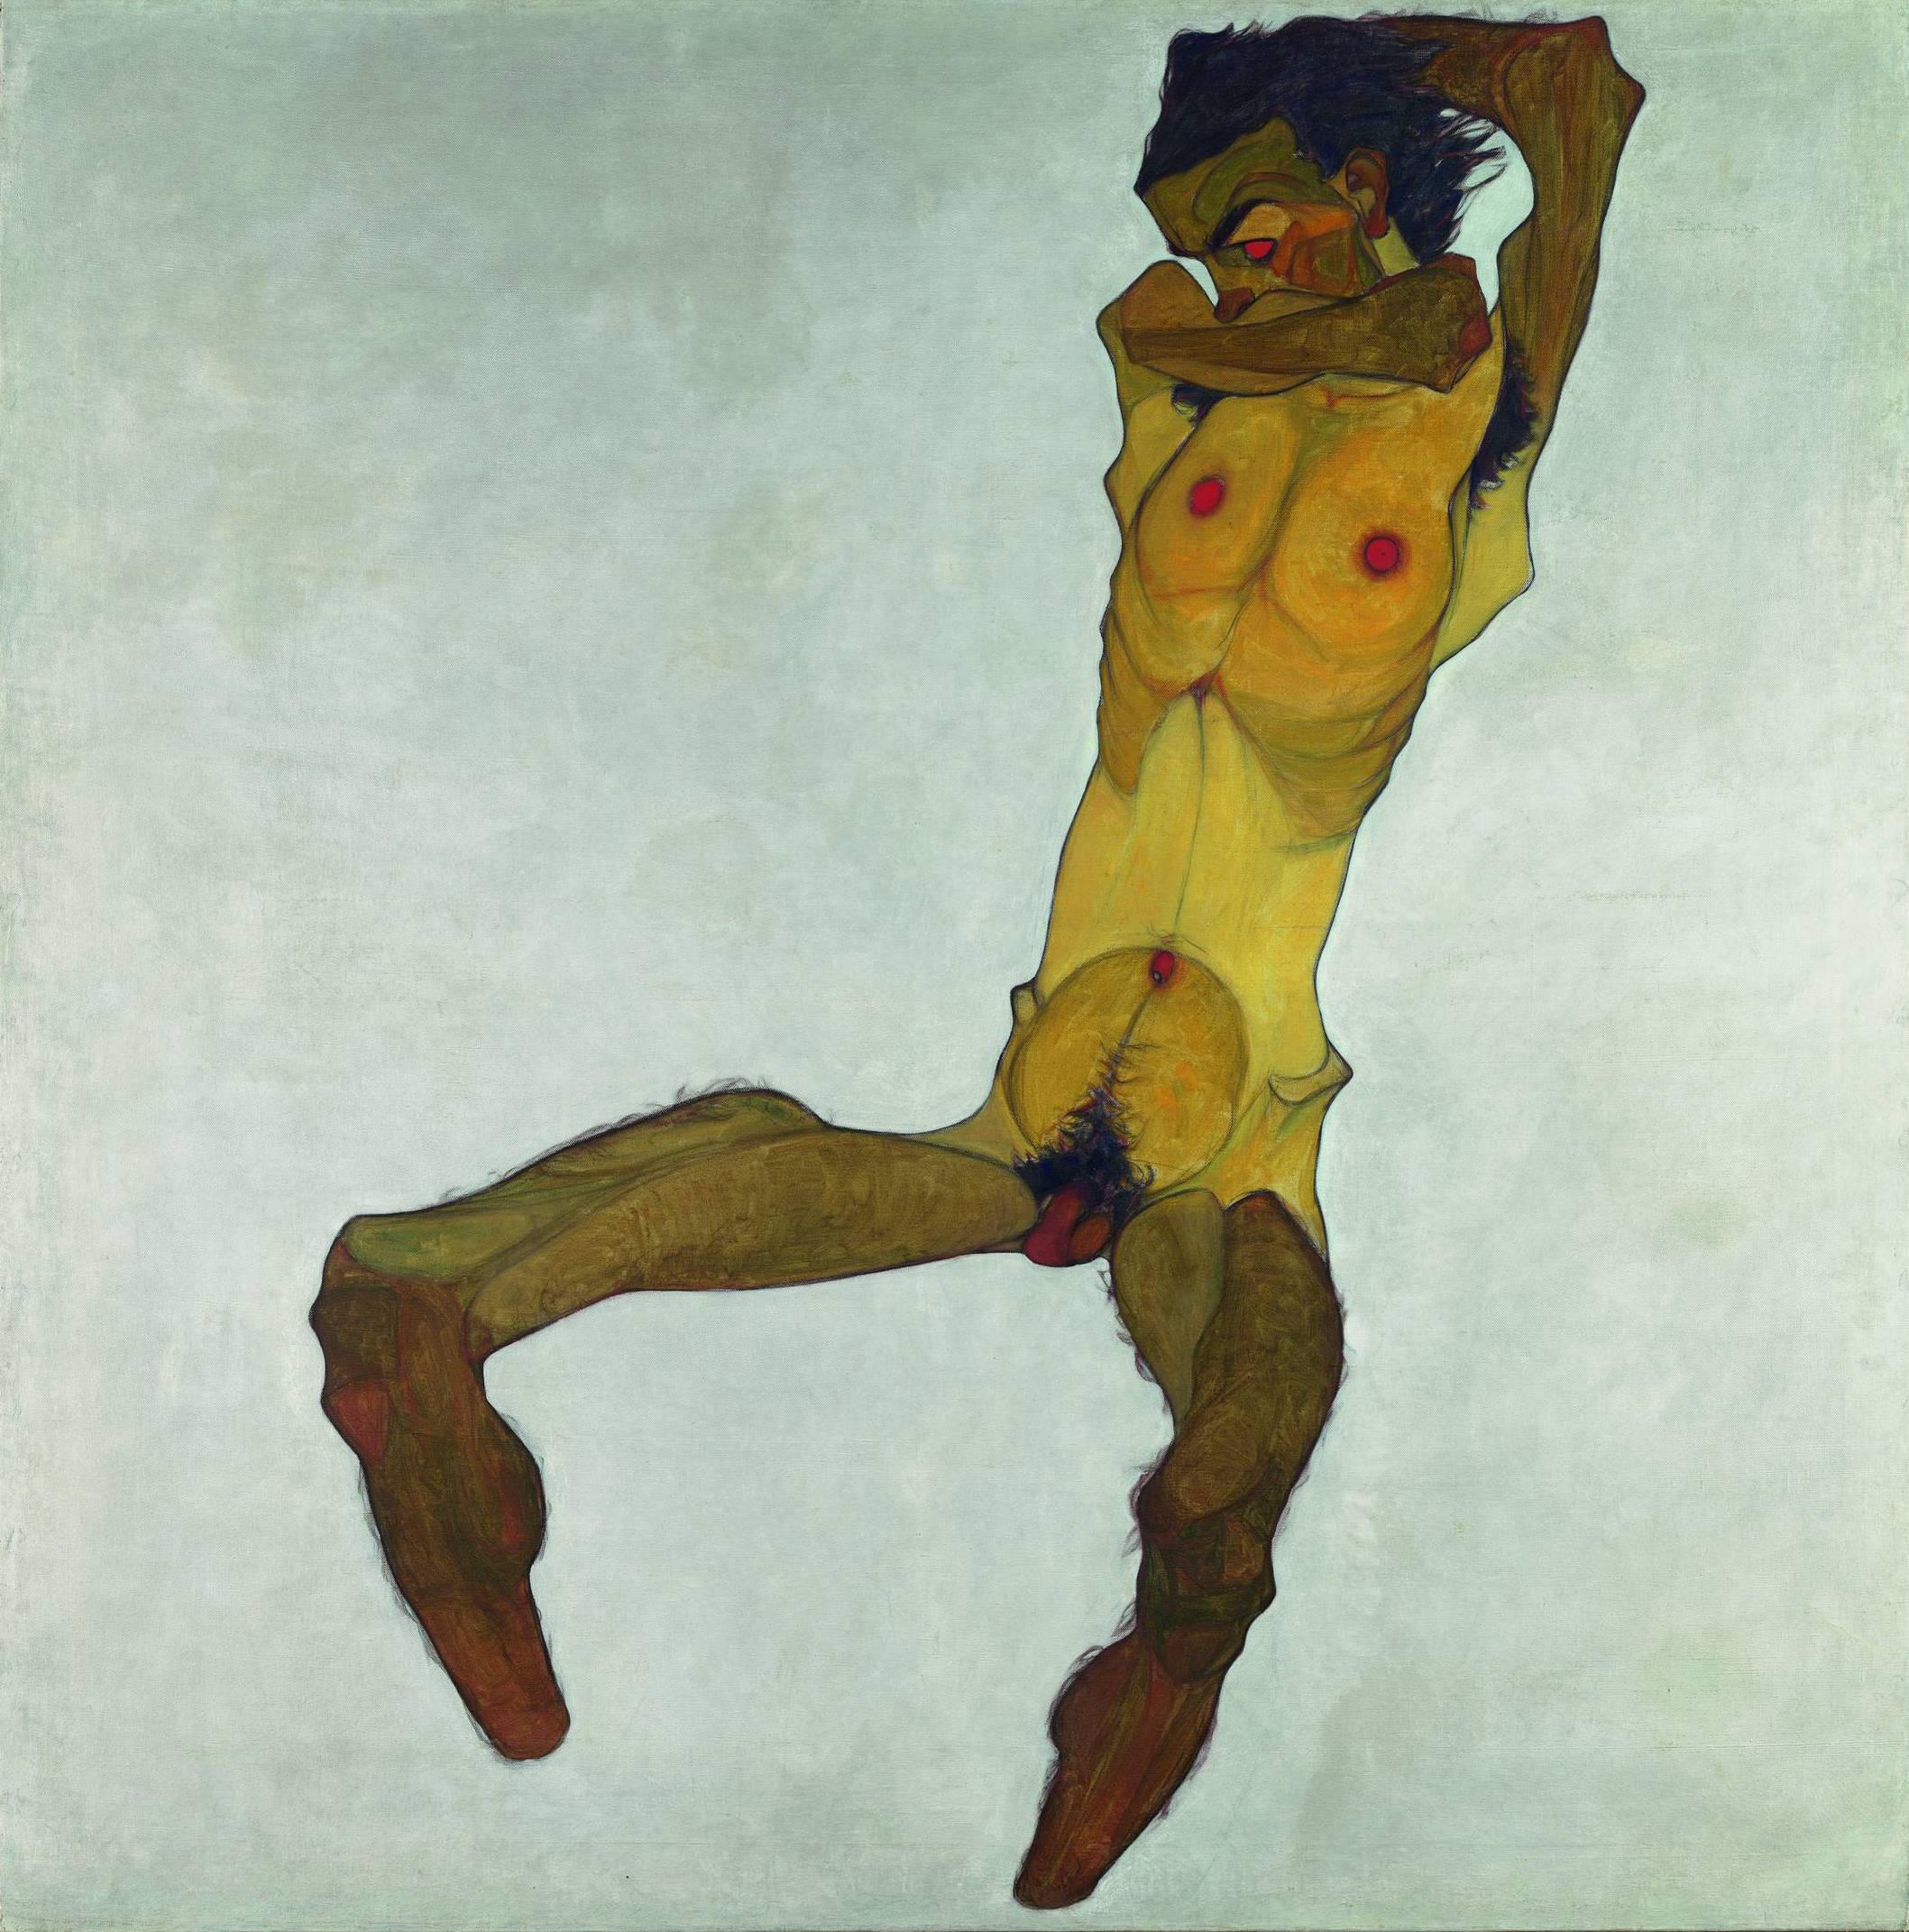 """Egon Schiele, """"Sitzender Männerakt (Selbstdarstellung)"""", 1910, Öl, Deckfarbe auf Leinwand, Foto: Leopold Museum Wien"""